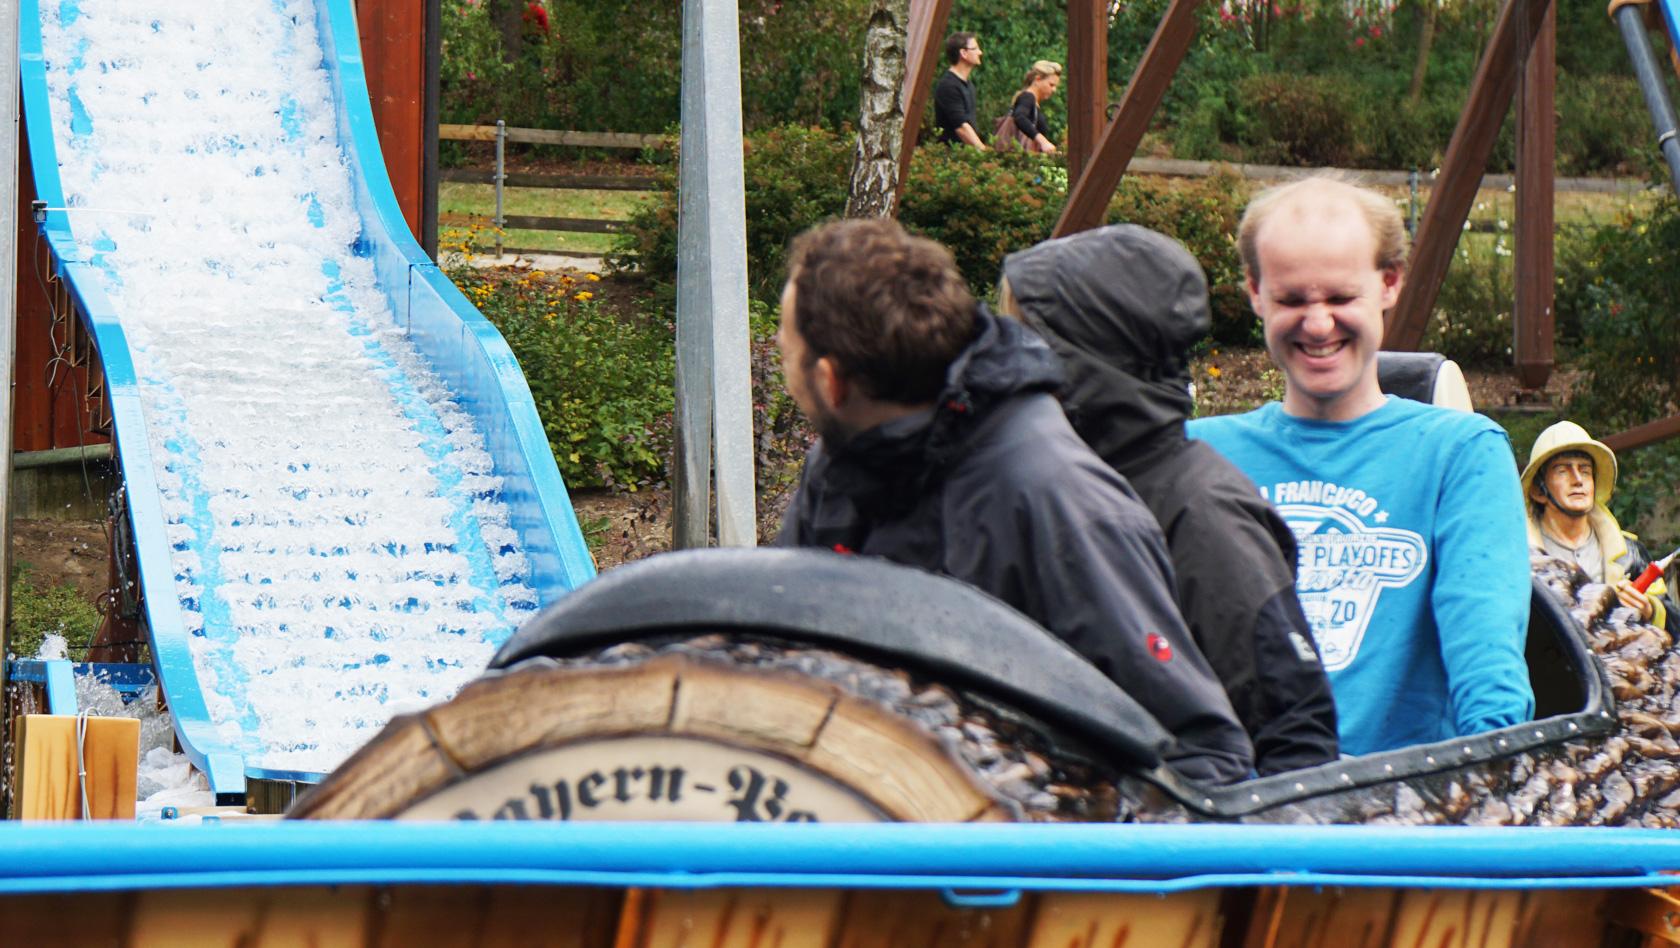 On Ride Bild Wildwasserbahn Bayern Park (Bild Copyright Parkerlebnis.de)